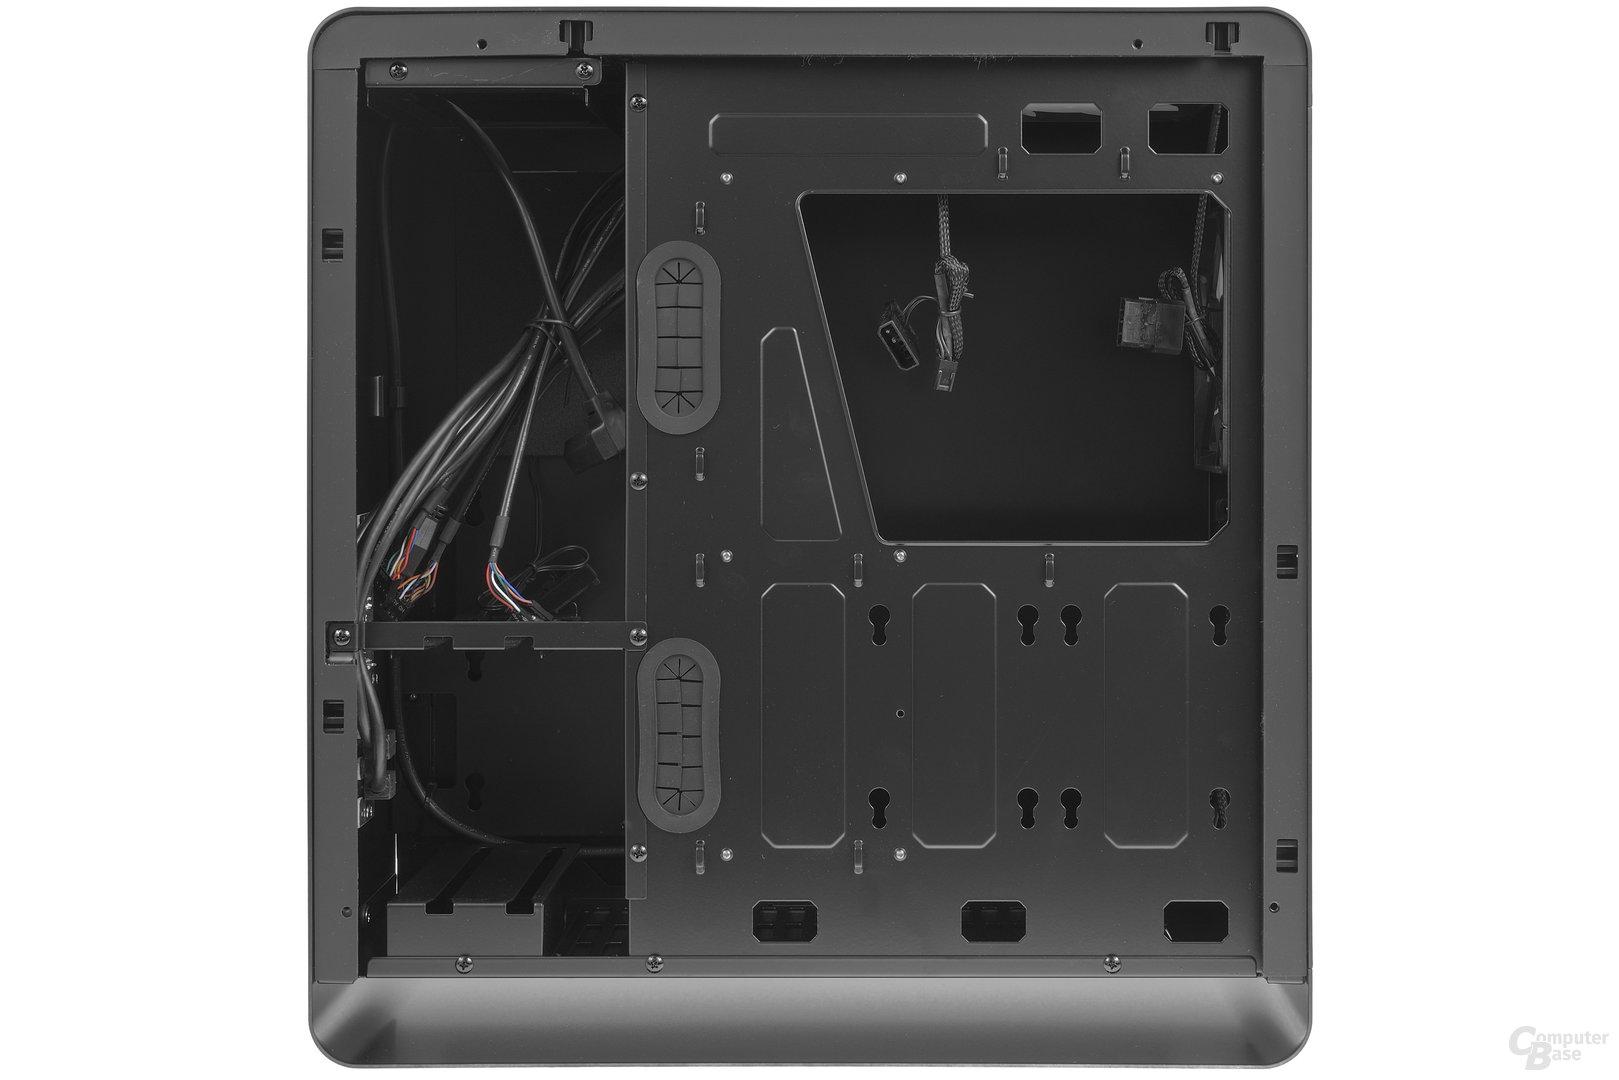 Jonsbo UMX4 – Innenraumansicht Rückseite